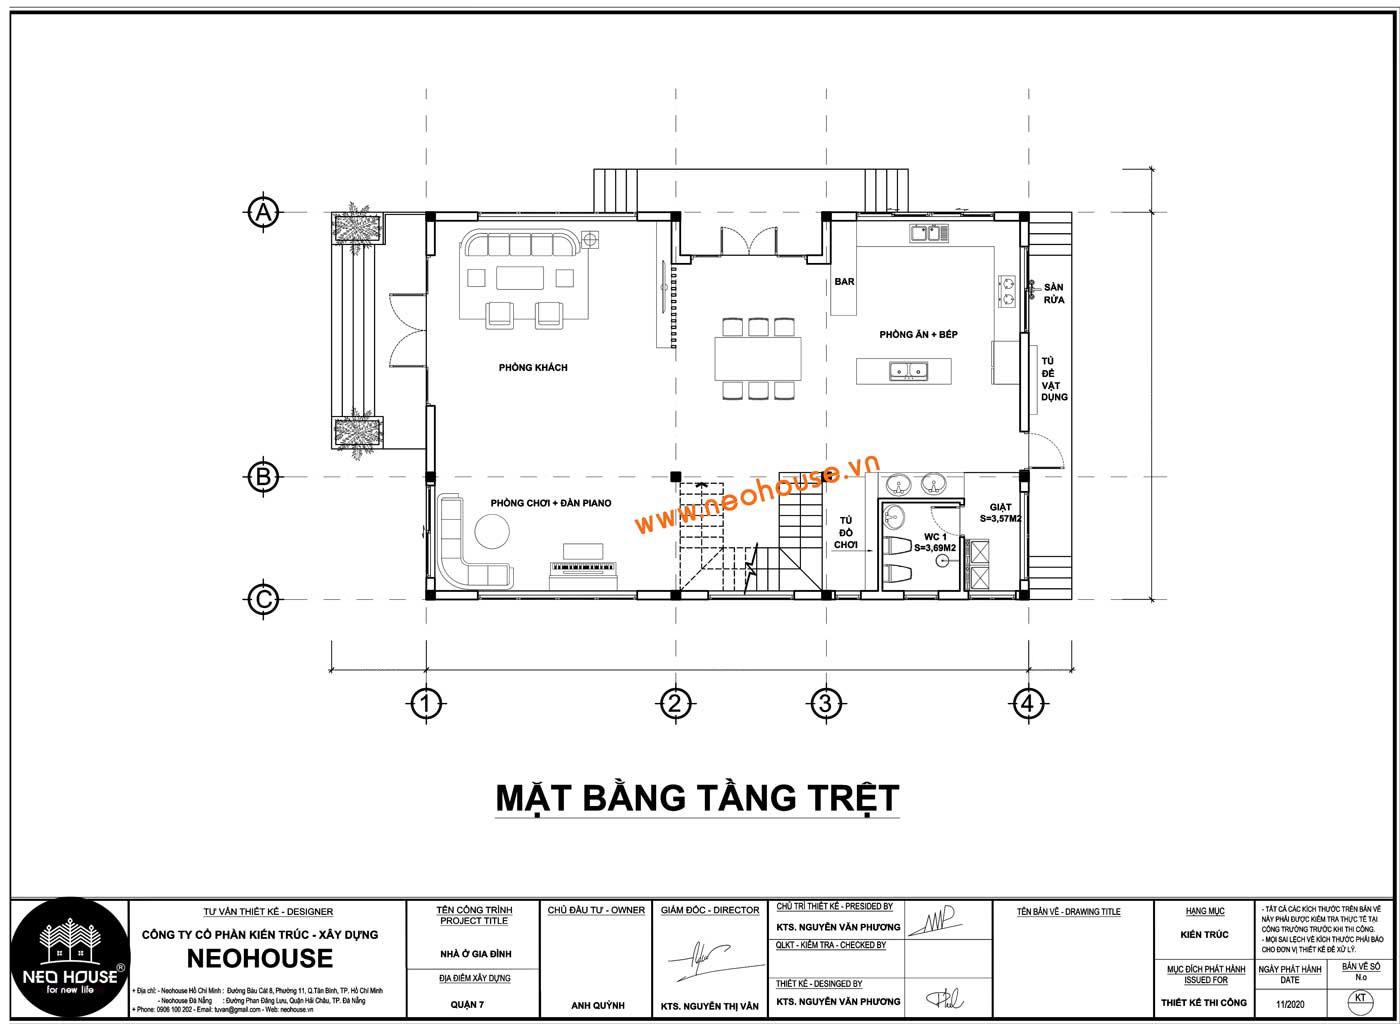 Mặt bằng tầng trệt biệt thự mái thái 2 tầng